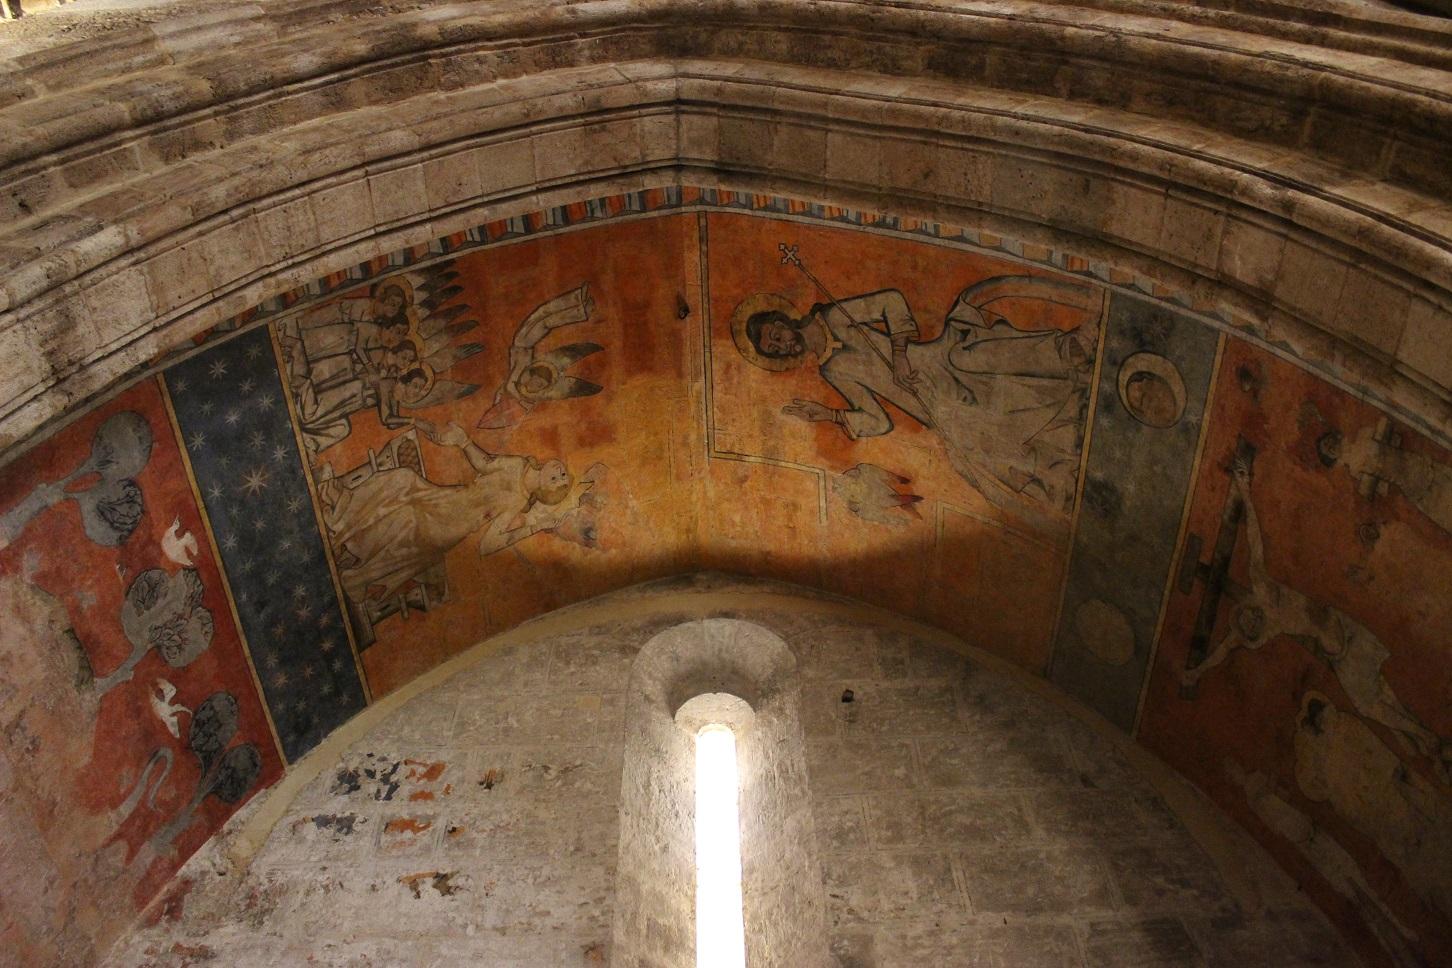 Pinturas Murales capilla San Miguel Arcángel de la Iglesia de San Juan del Hospital de Valencia. Fuente: © Valenciabonita.es – Por favor, si compartes esta imagen indica la fuente :)